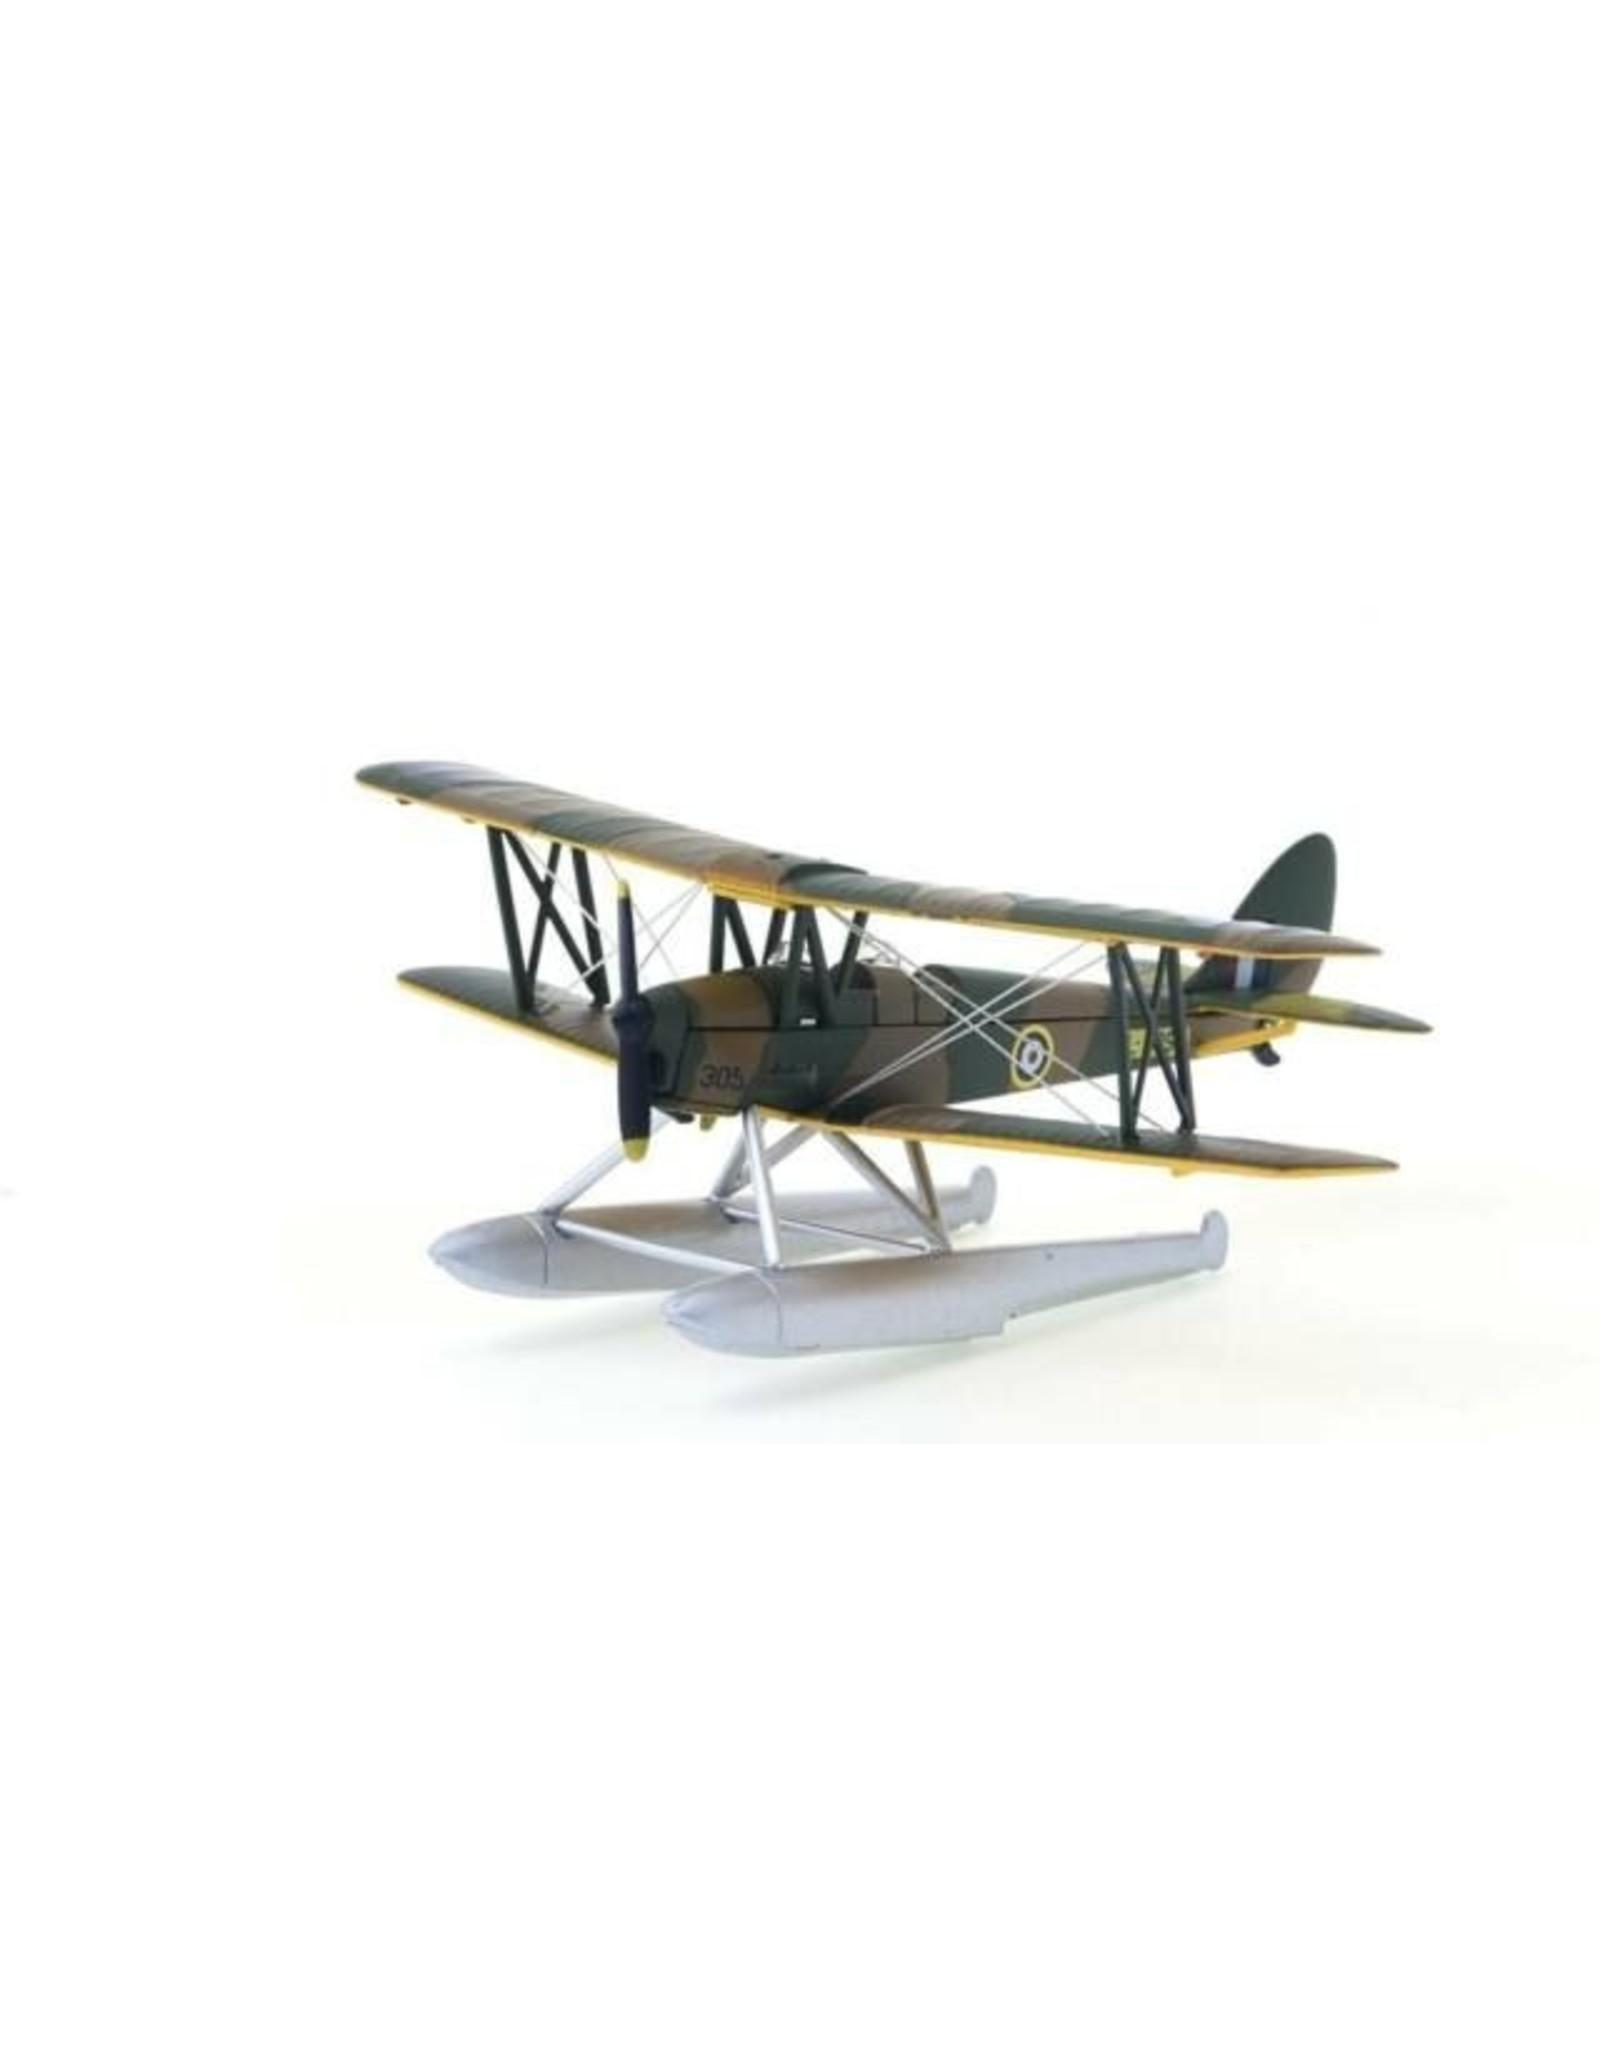 De Havilland DH82A Tiger Moth Floatplane RAF L-5894